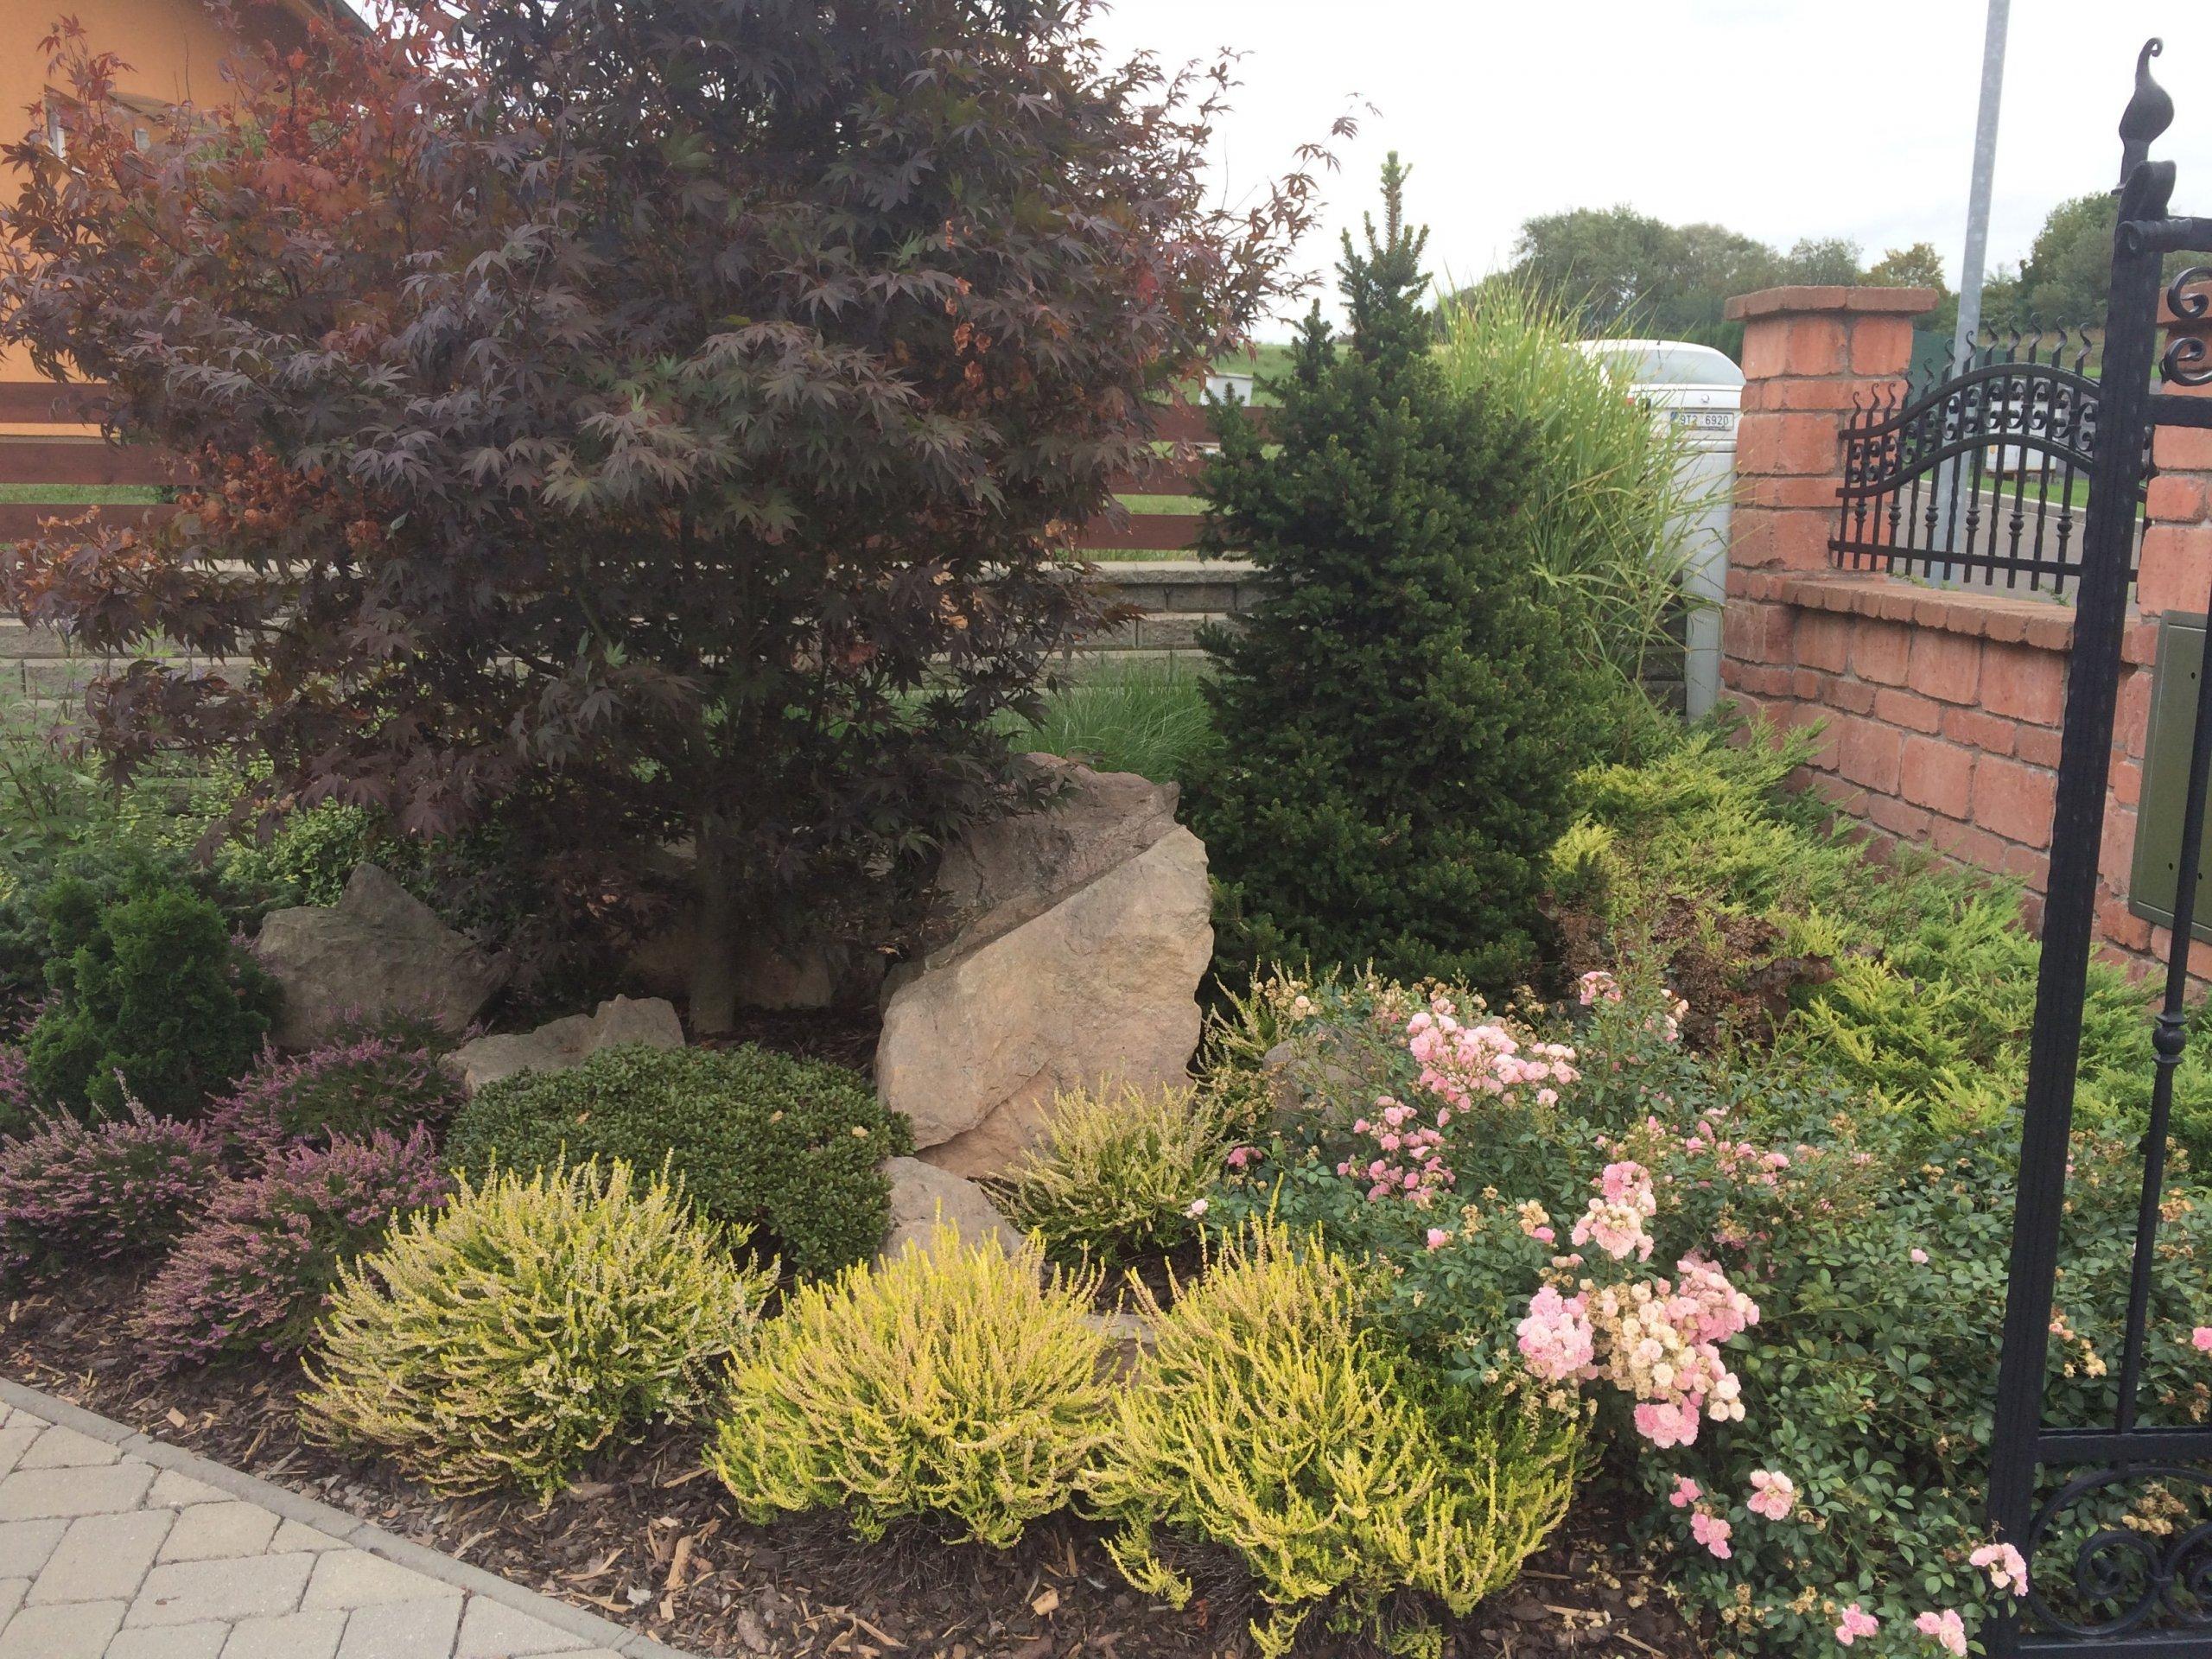 Rodinná zahrada u domu ve Fulneku, dle přání majitele použito mnoho kamenů a rozmanitých druhů rostlin